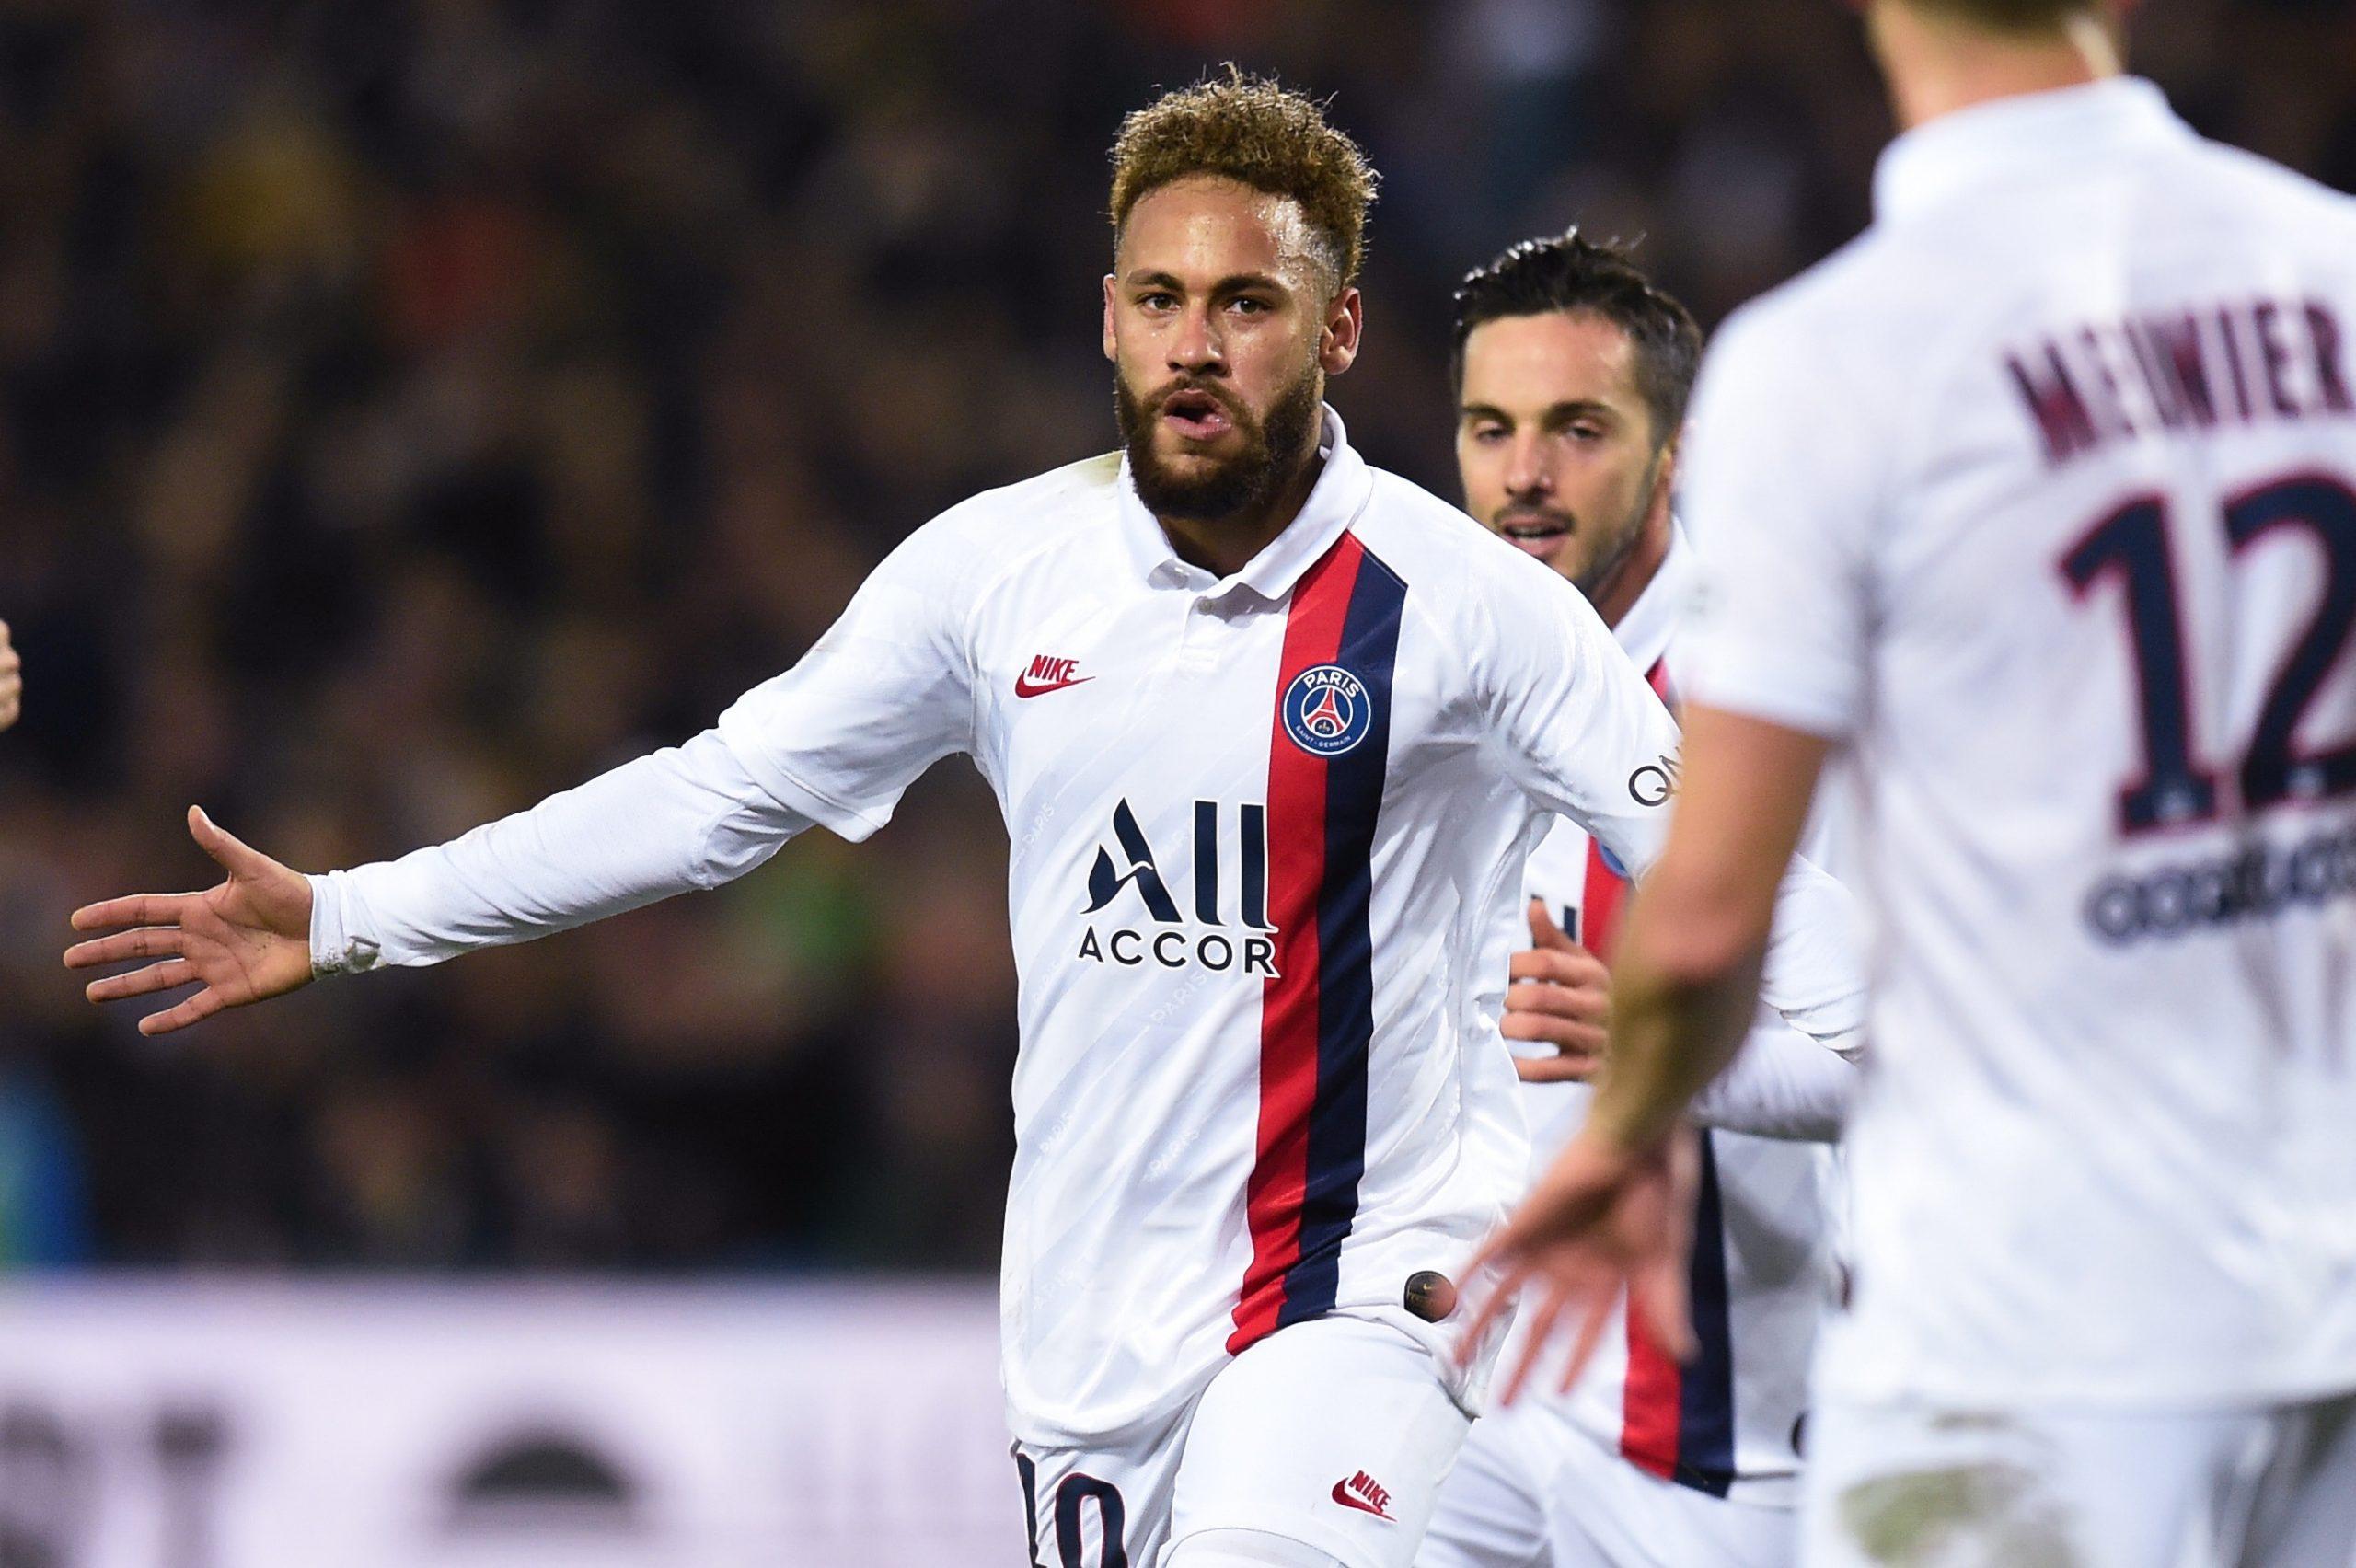 Le plus beau but du PSG cette saison, matchs 22 à 24 : le coup-franc de Neymar contre Montpellier s'impose